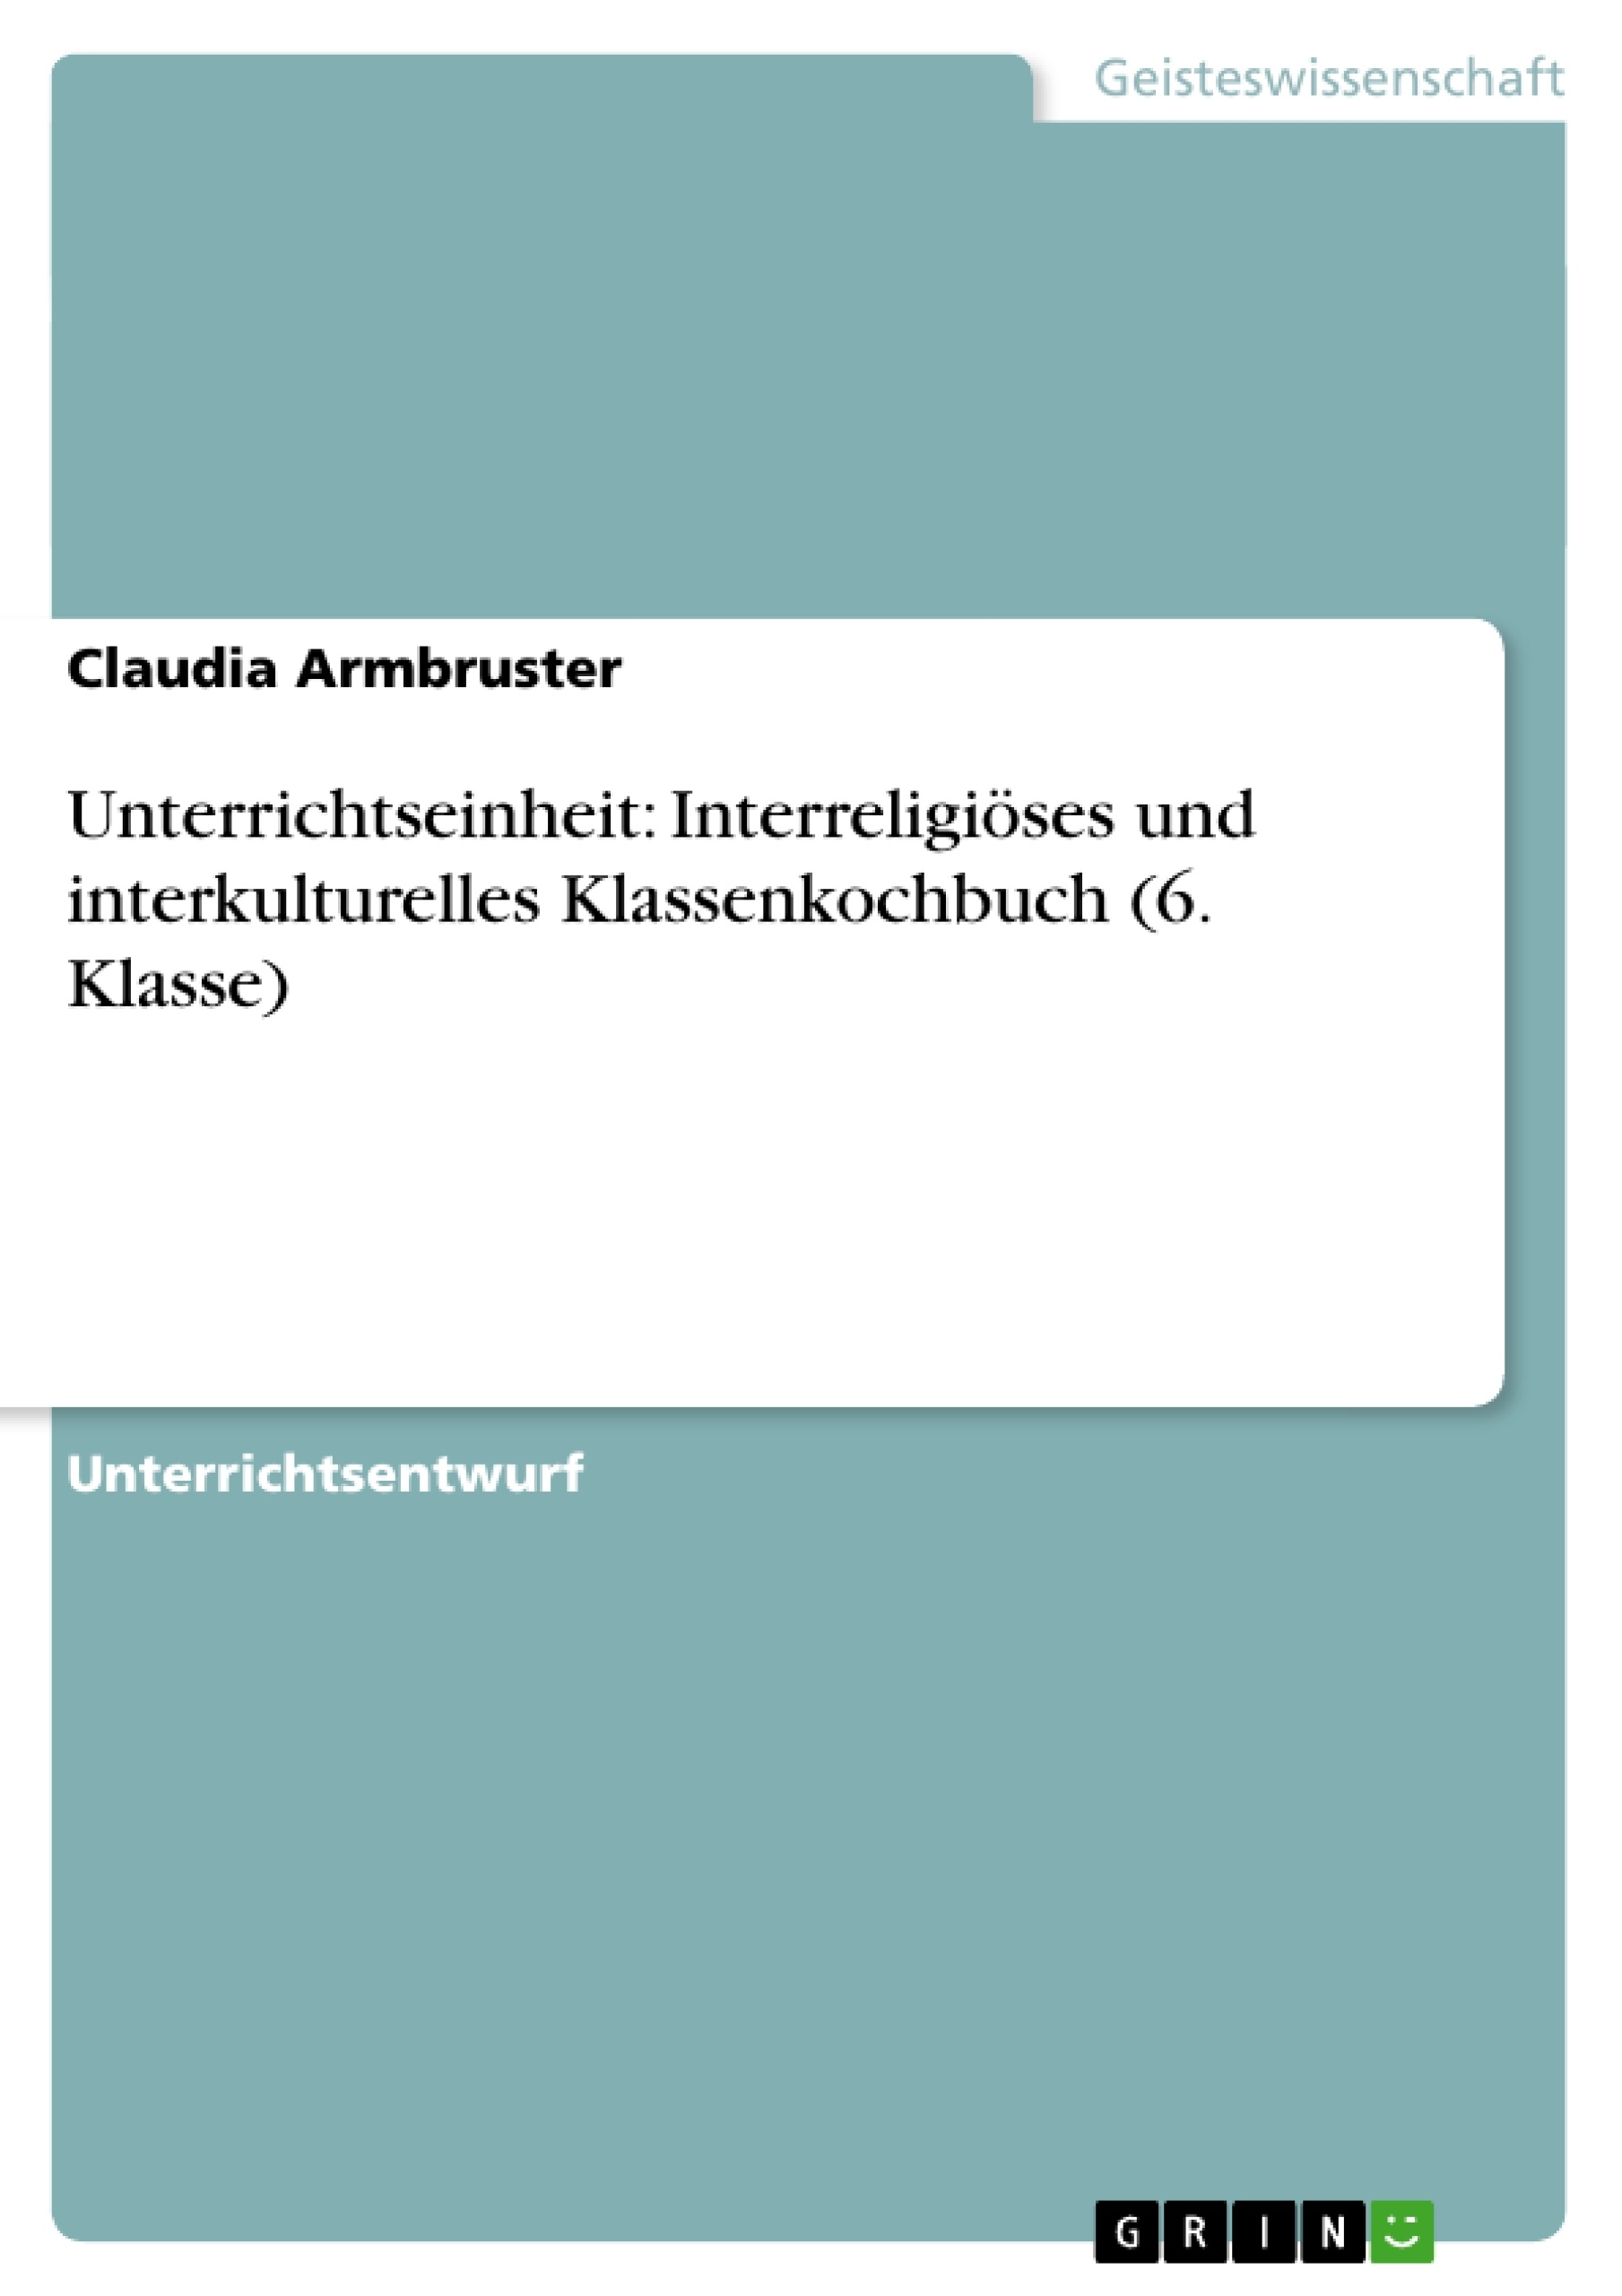 Titel: Unterrichtseinheit: Interreligiöses und interkulturelles Klassenkochbuch (6. Klasse)